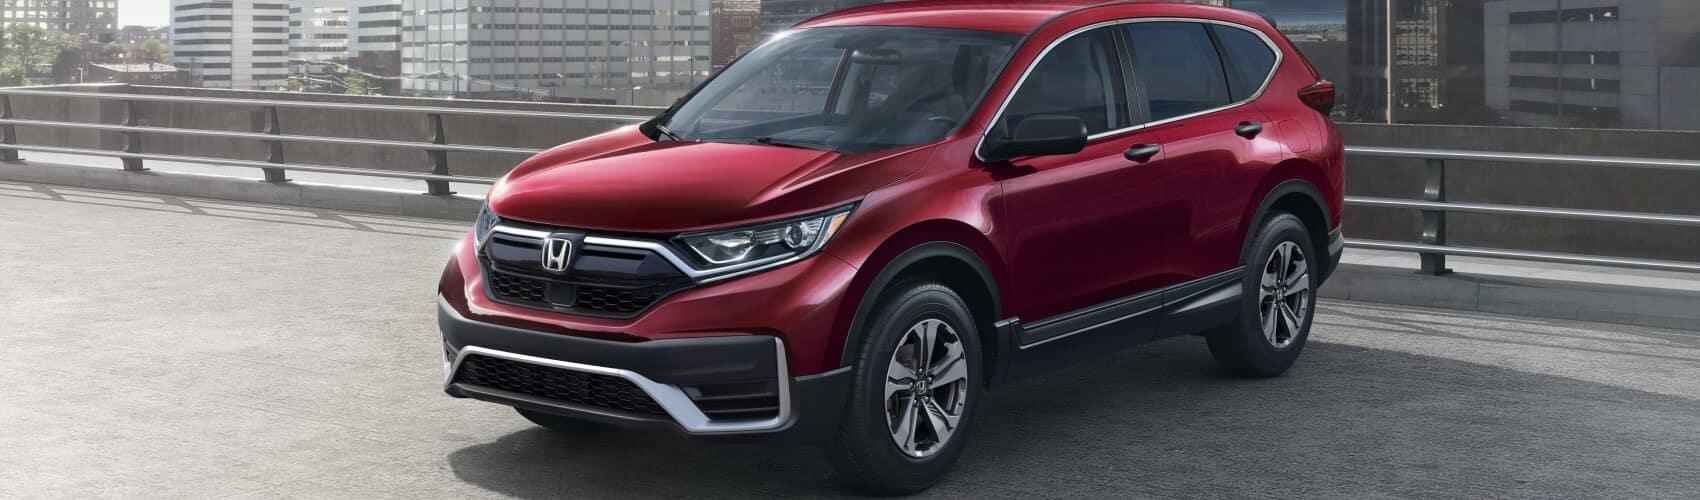 2021 Honda CR-V Review